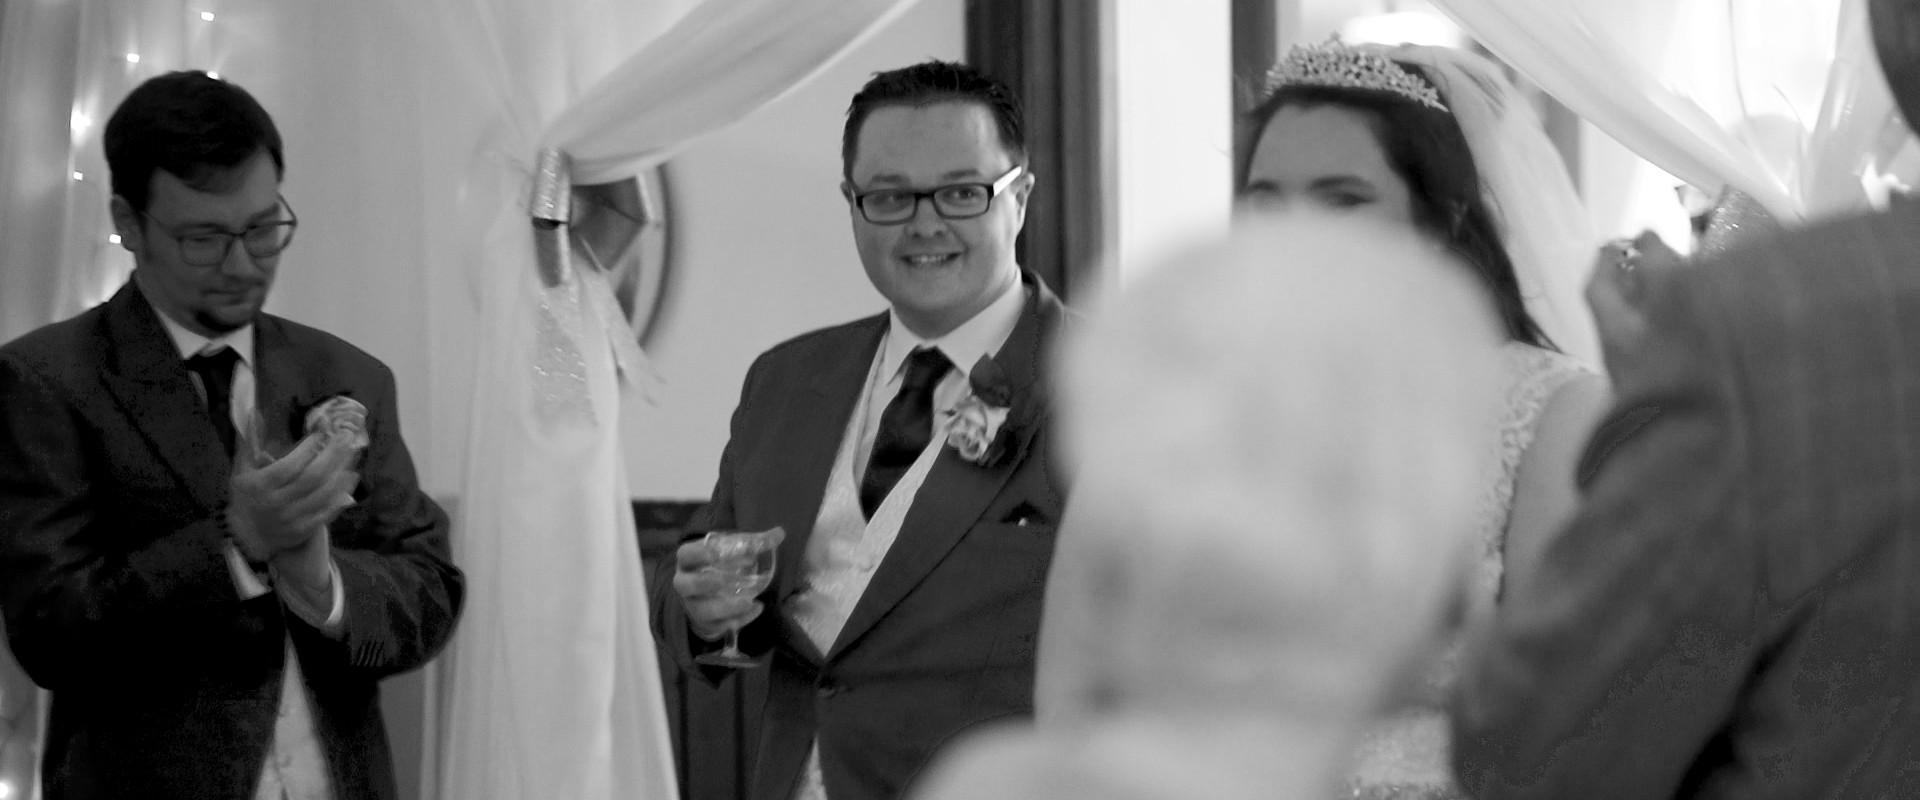 Wedding-ShortFilm-BW.00_05_22_16.Still04